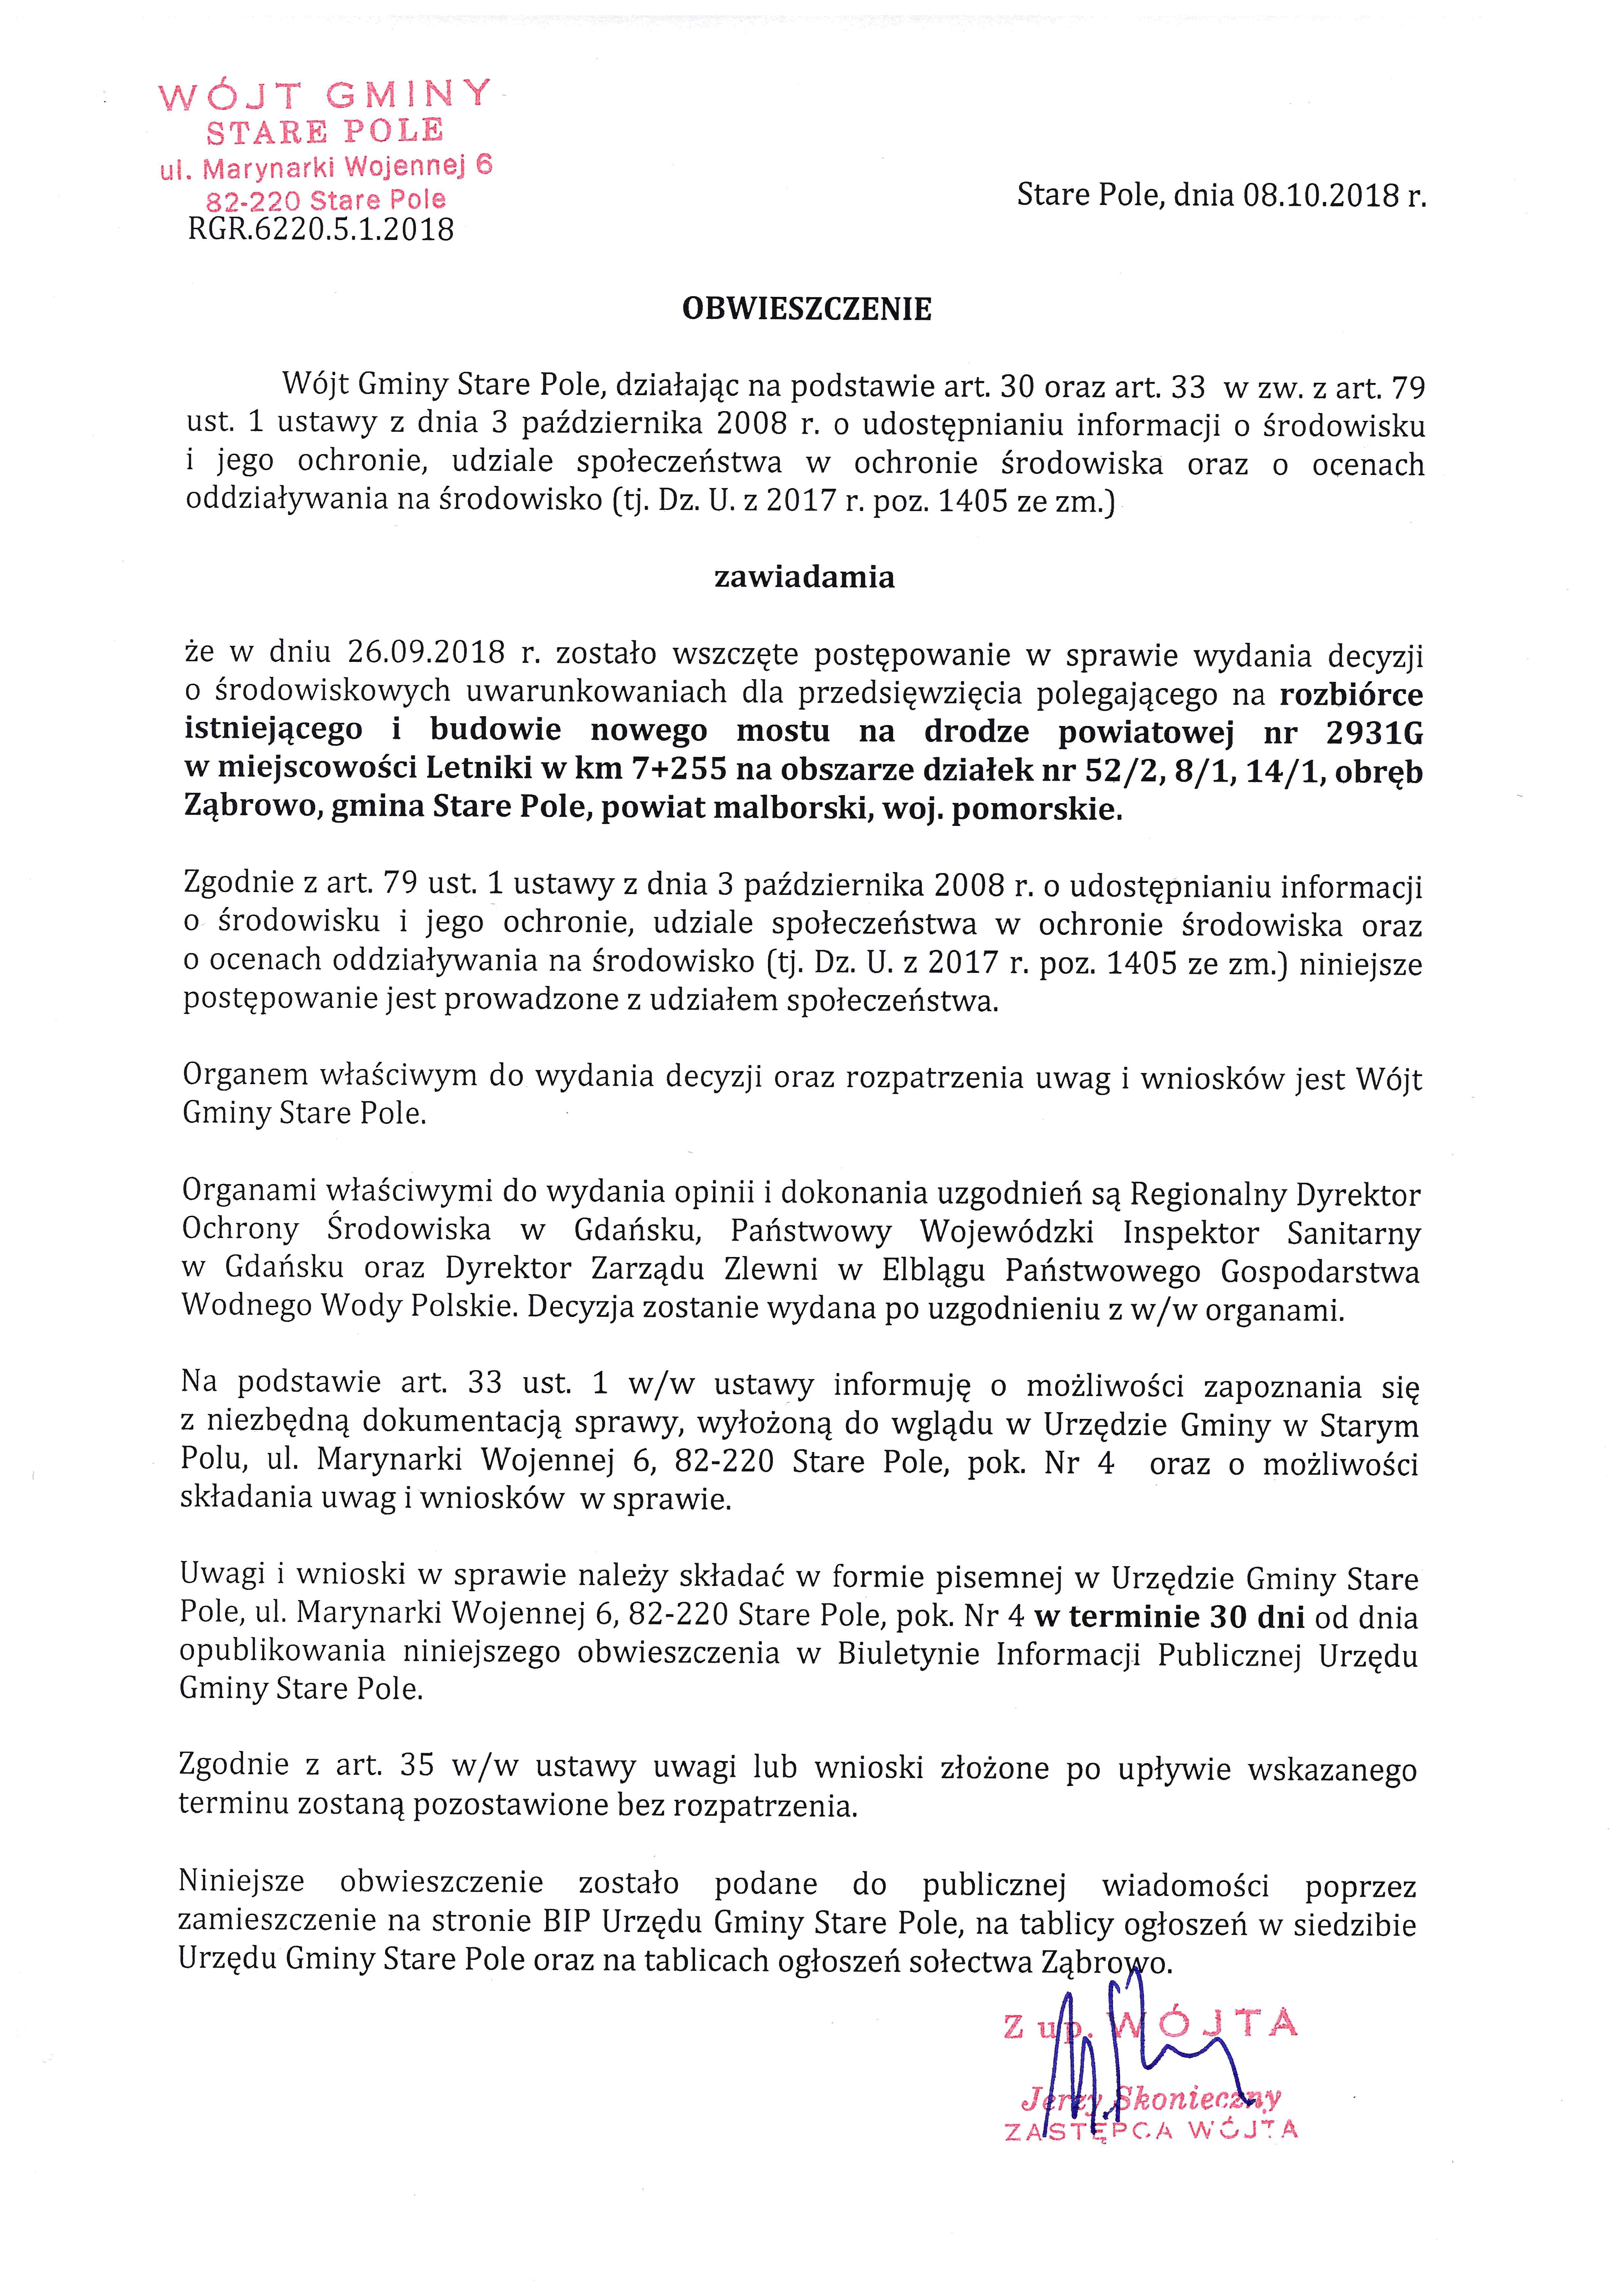 Obwieszczenie Wójta Gminy Stare Pole z dnia 8 października 2018 r.